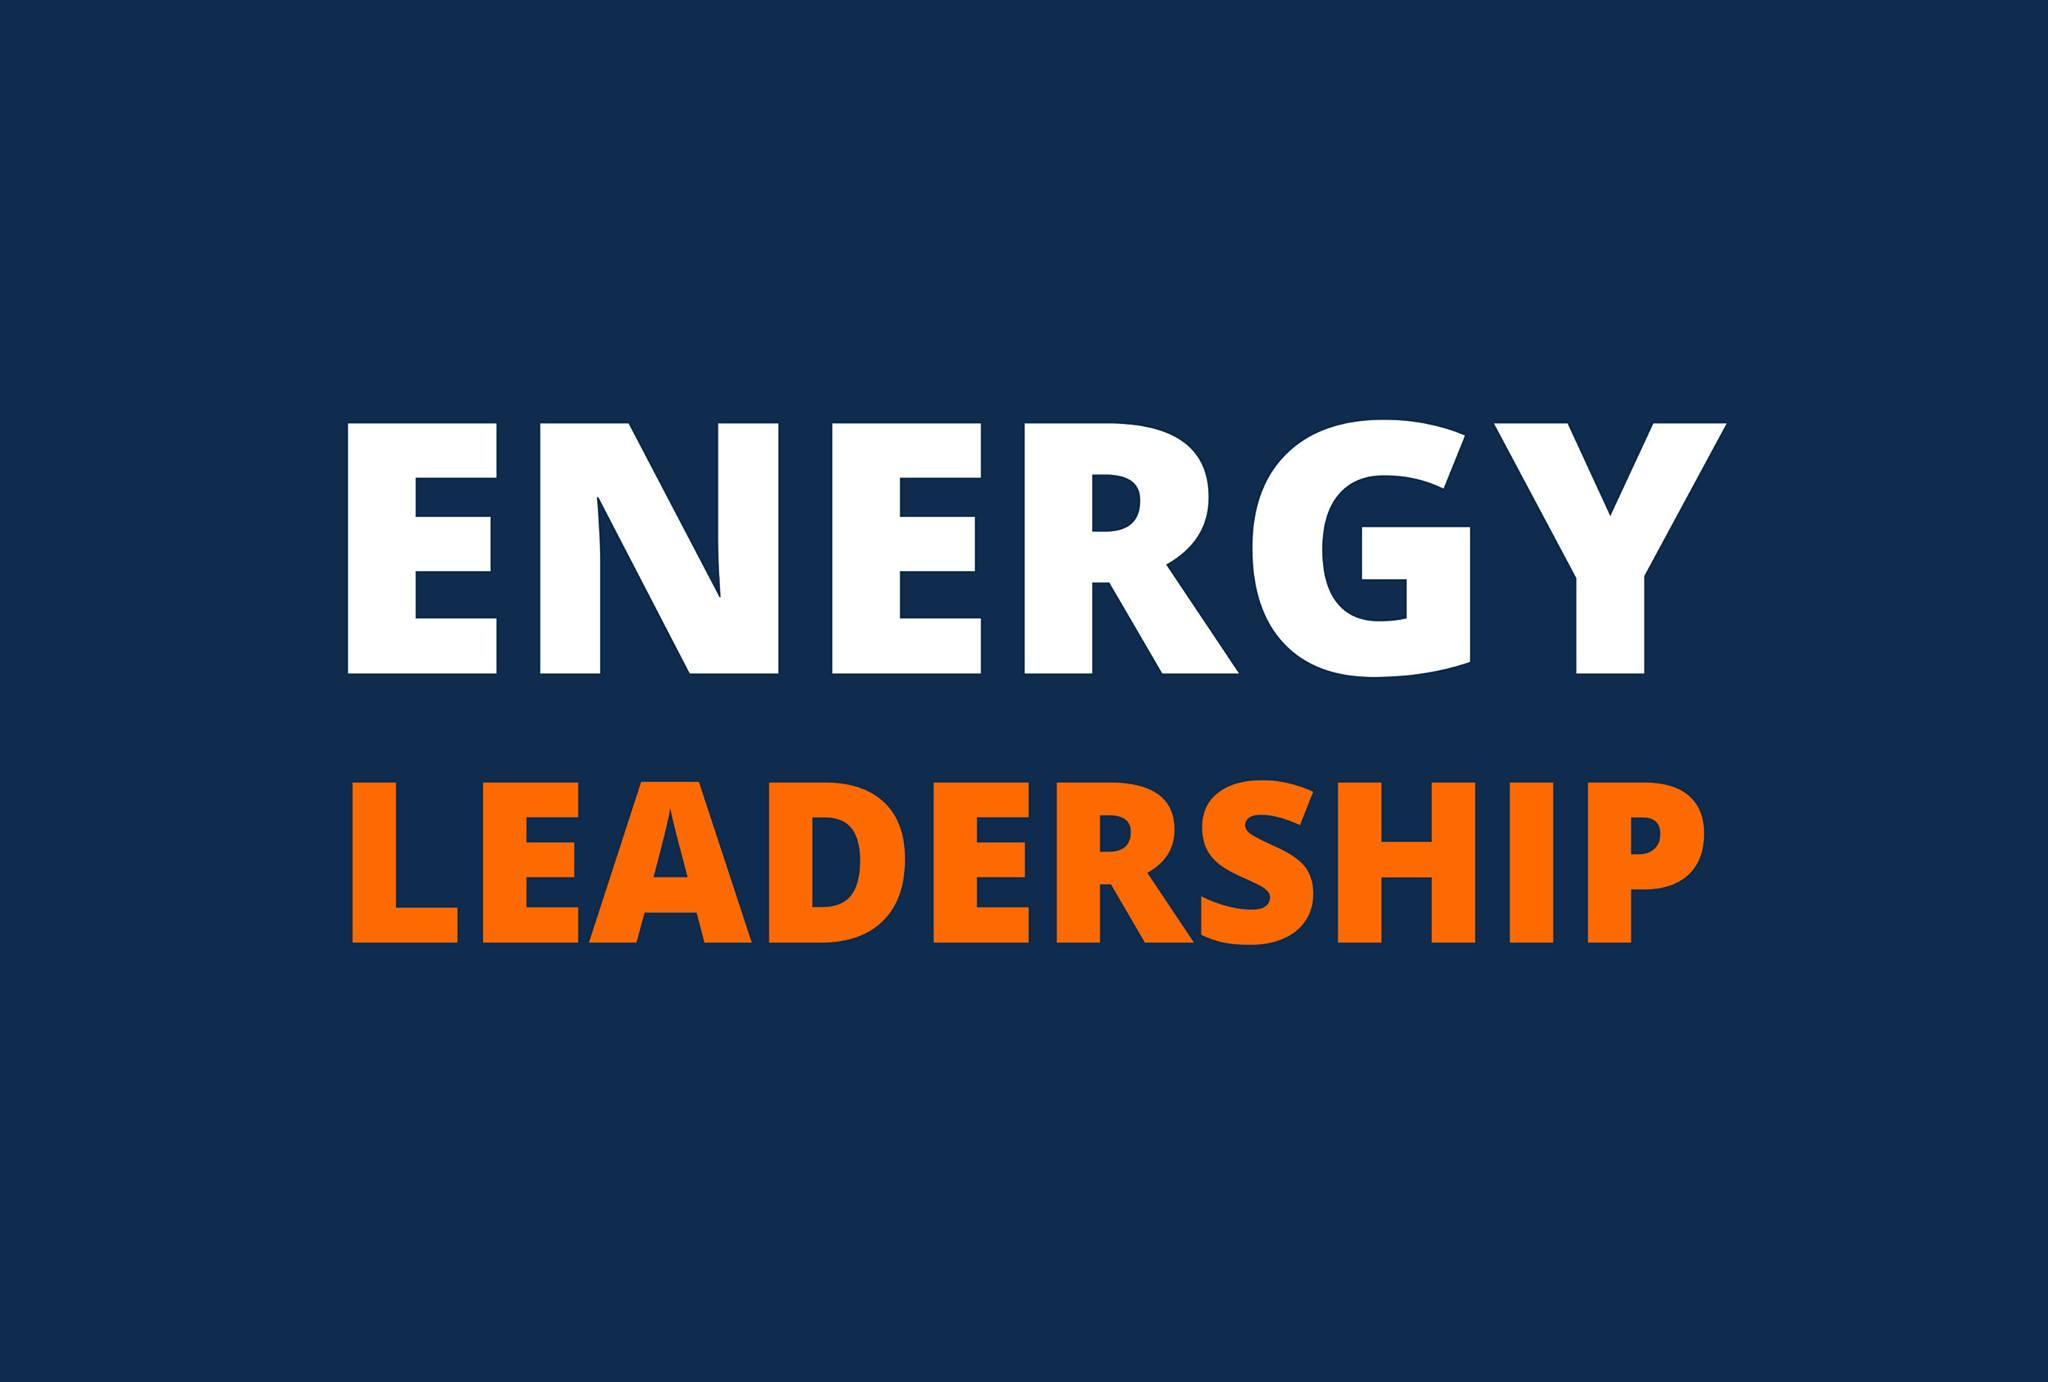 energy_leadership.jpg